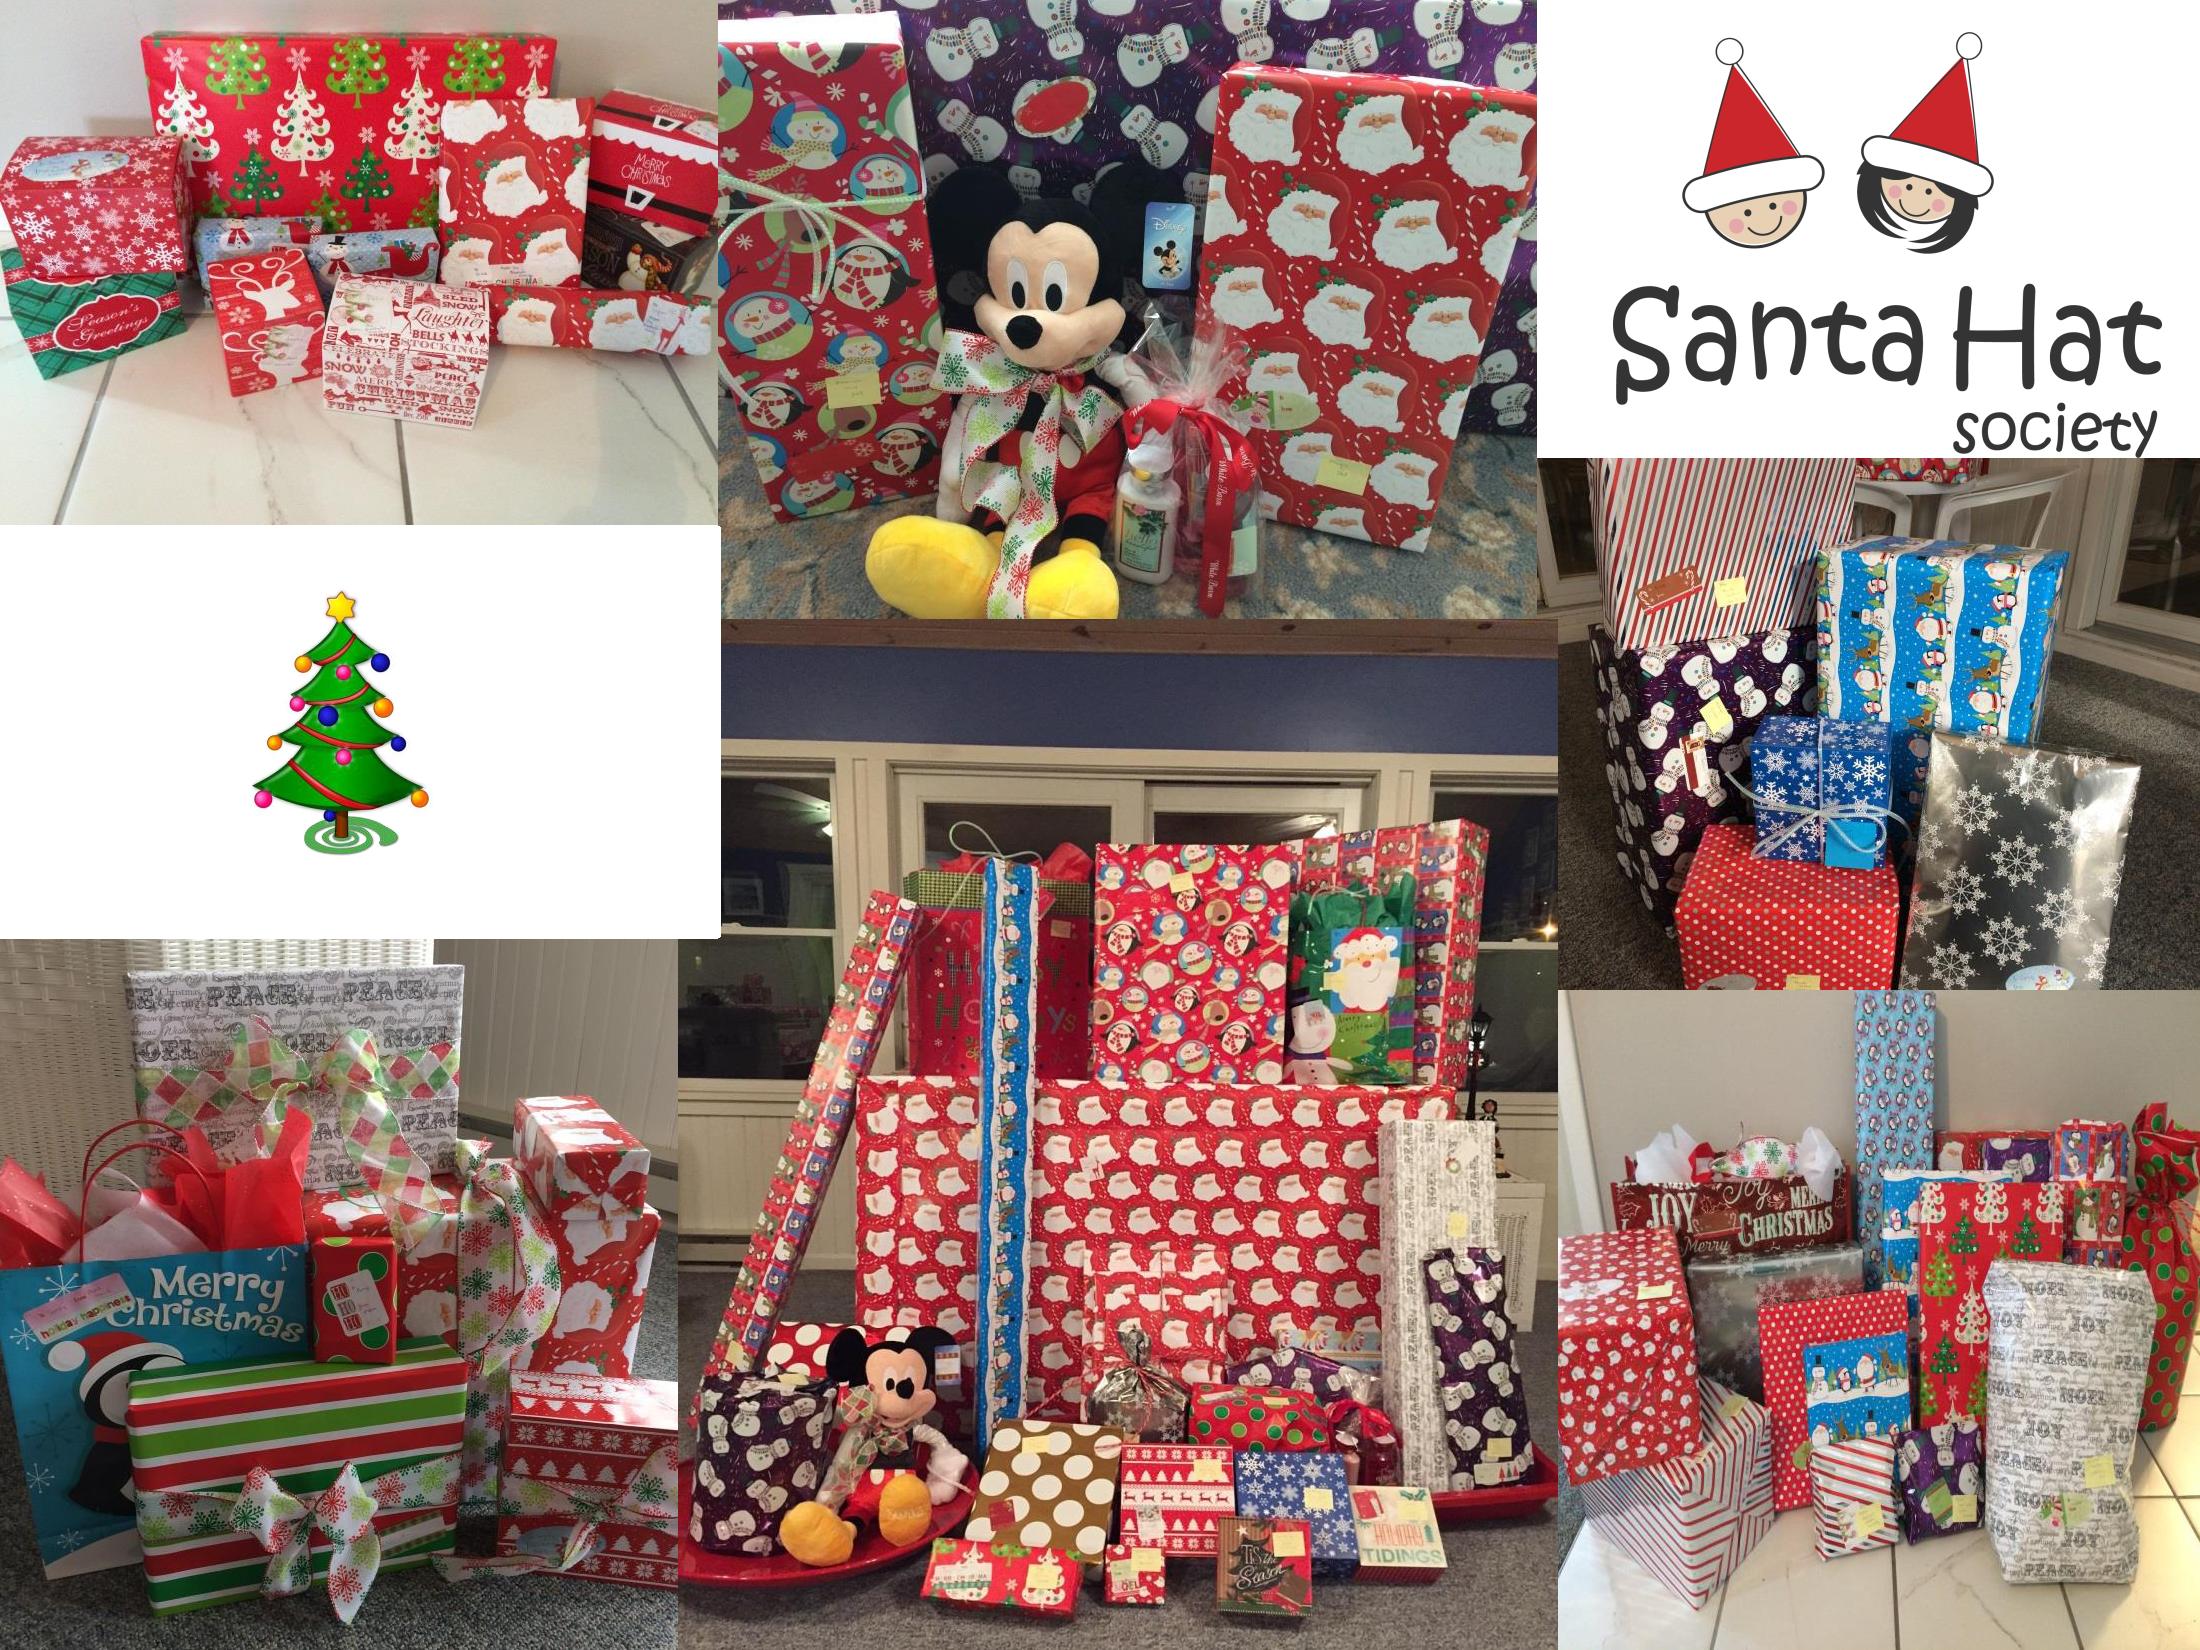 d8917fc426b Santa Hat Society Gift Photos 2016 Page 3 Santa Hat Society Gift Photos  2016 Page 4 rev1